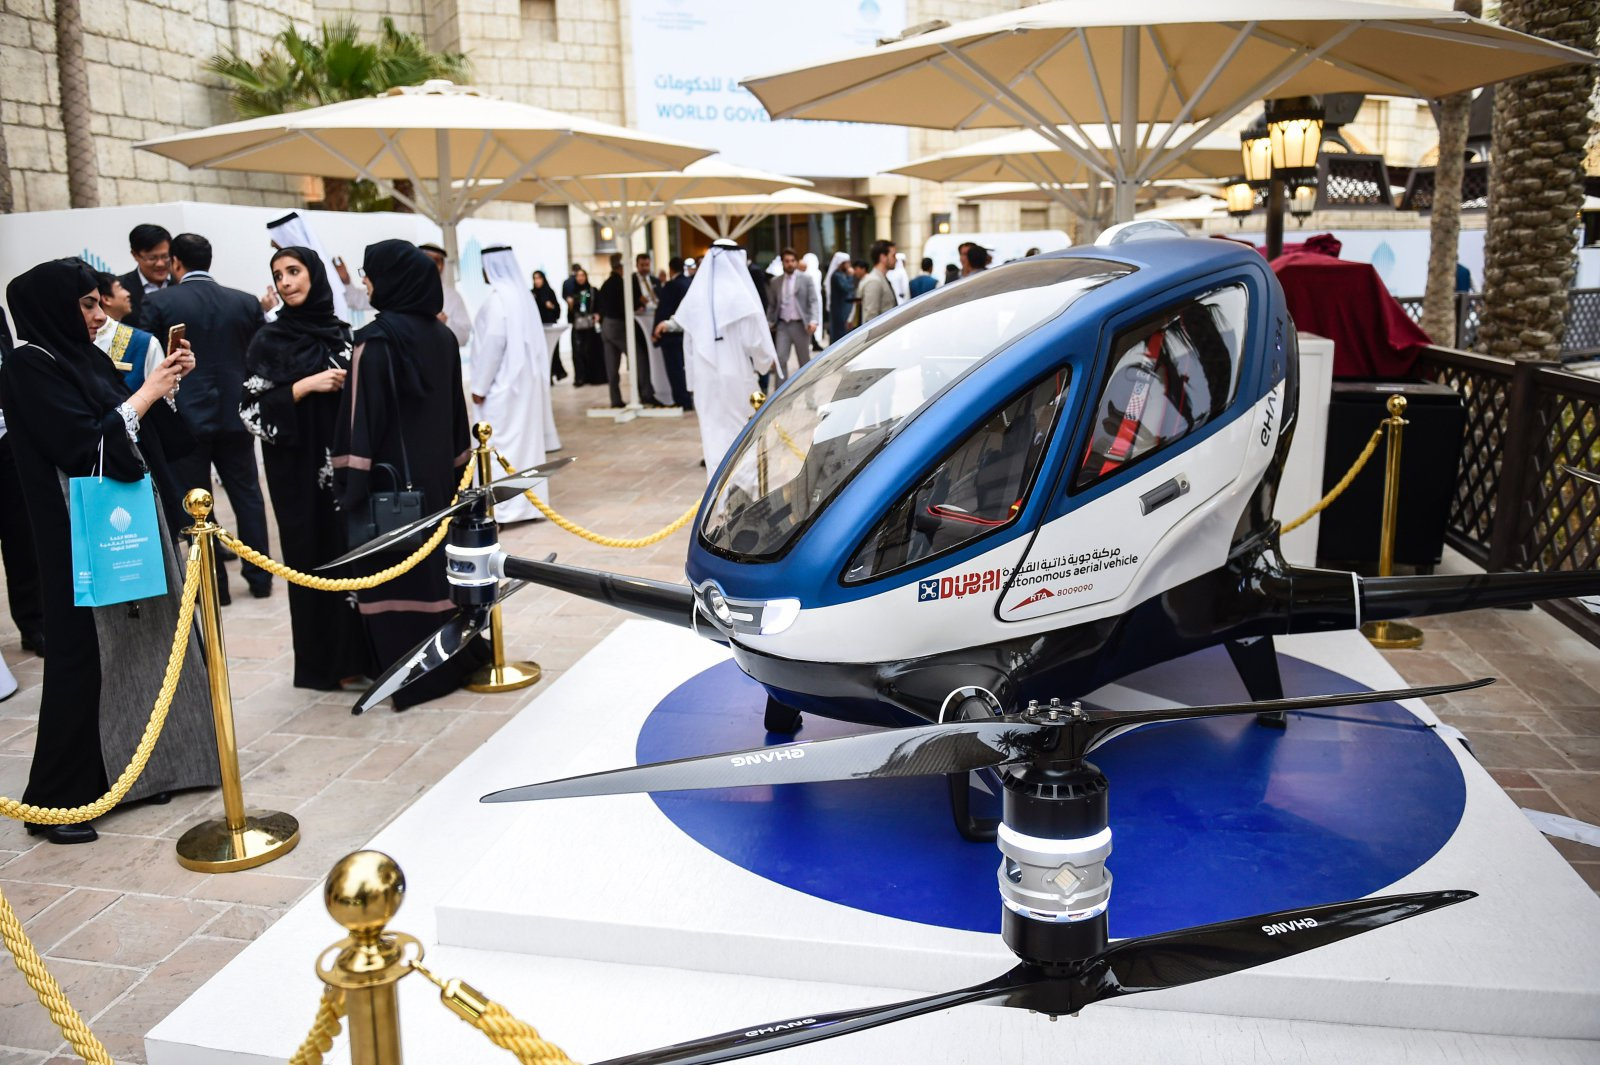 Пассажирский квадрокоптер Ehang 184 начнет перевозить людей в ОАЭ в июле 2017 года